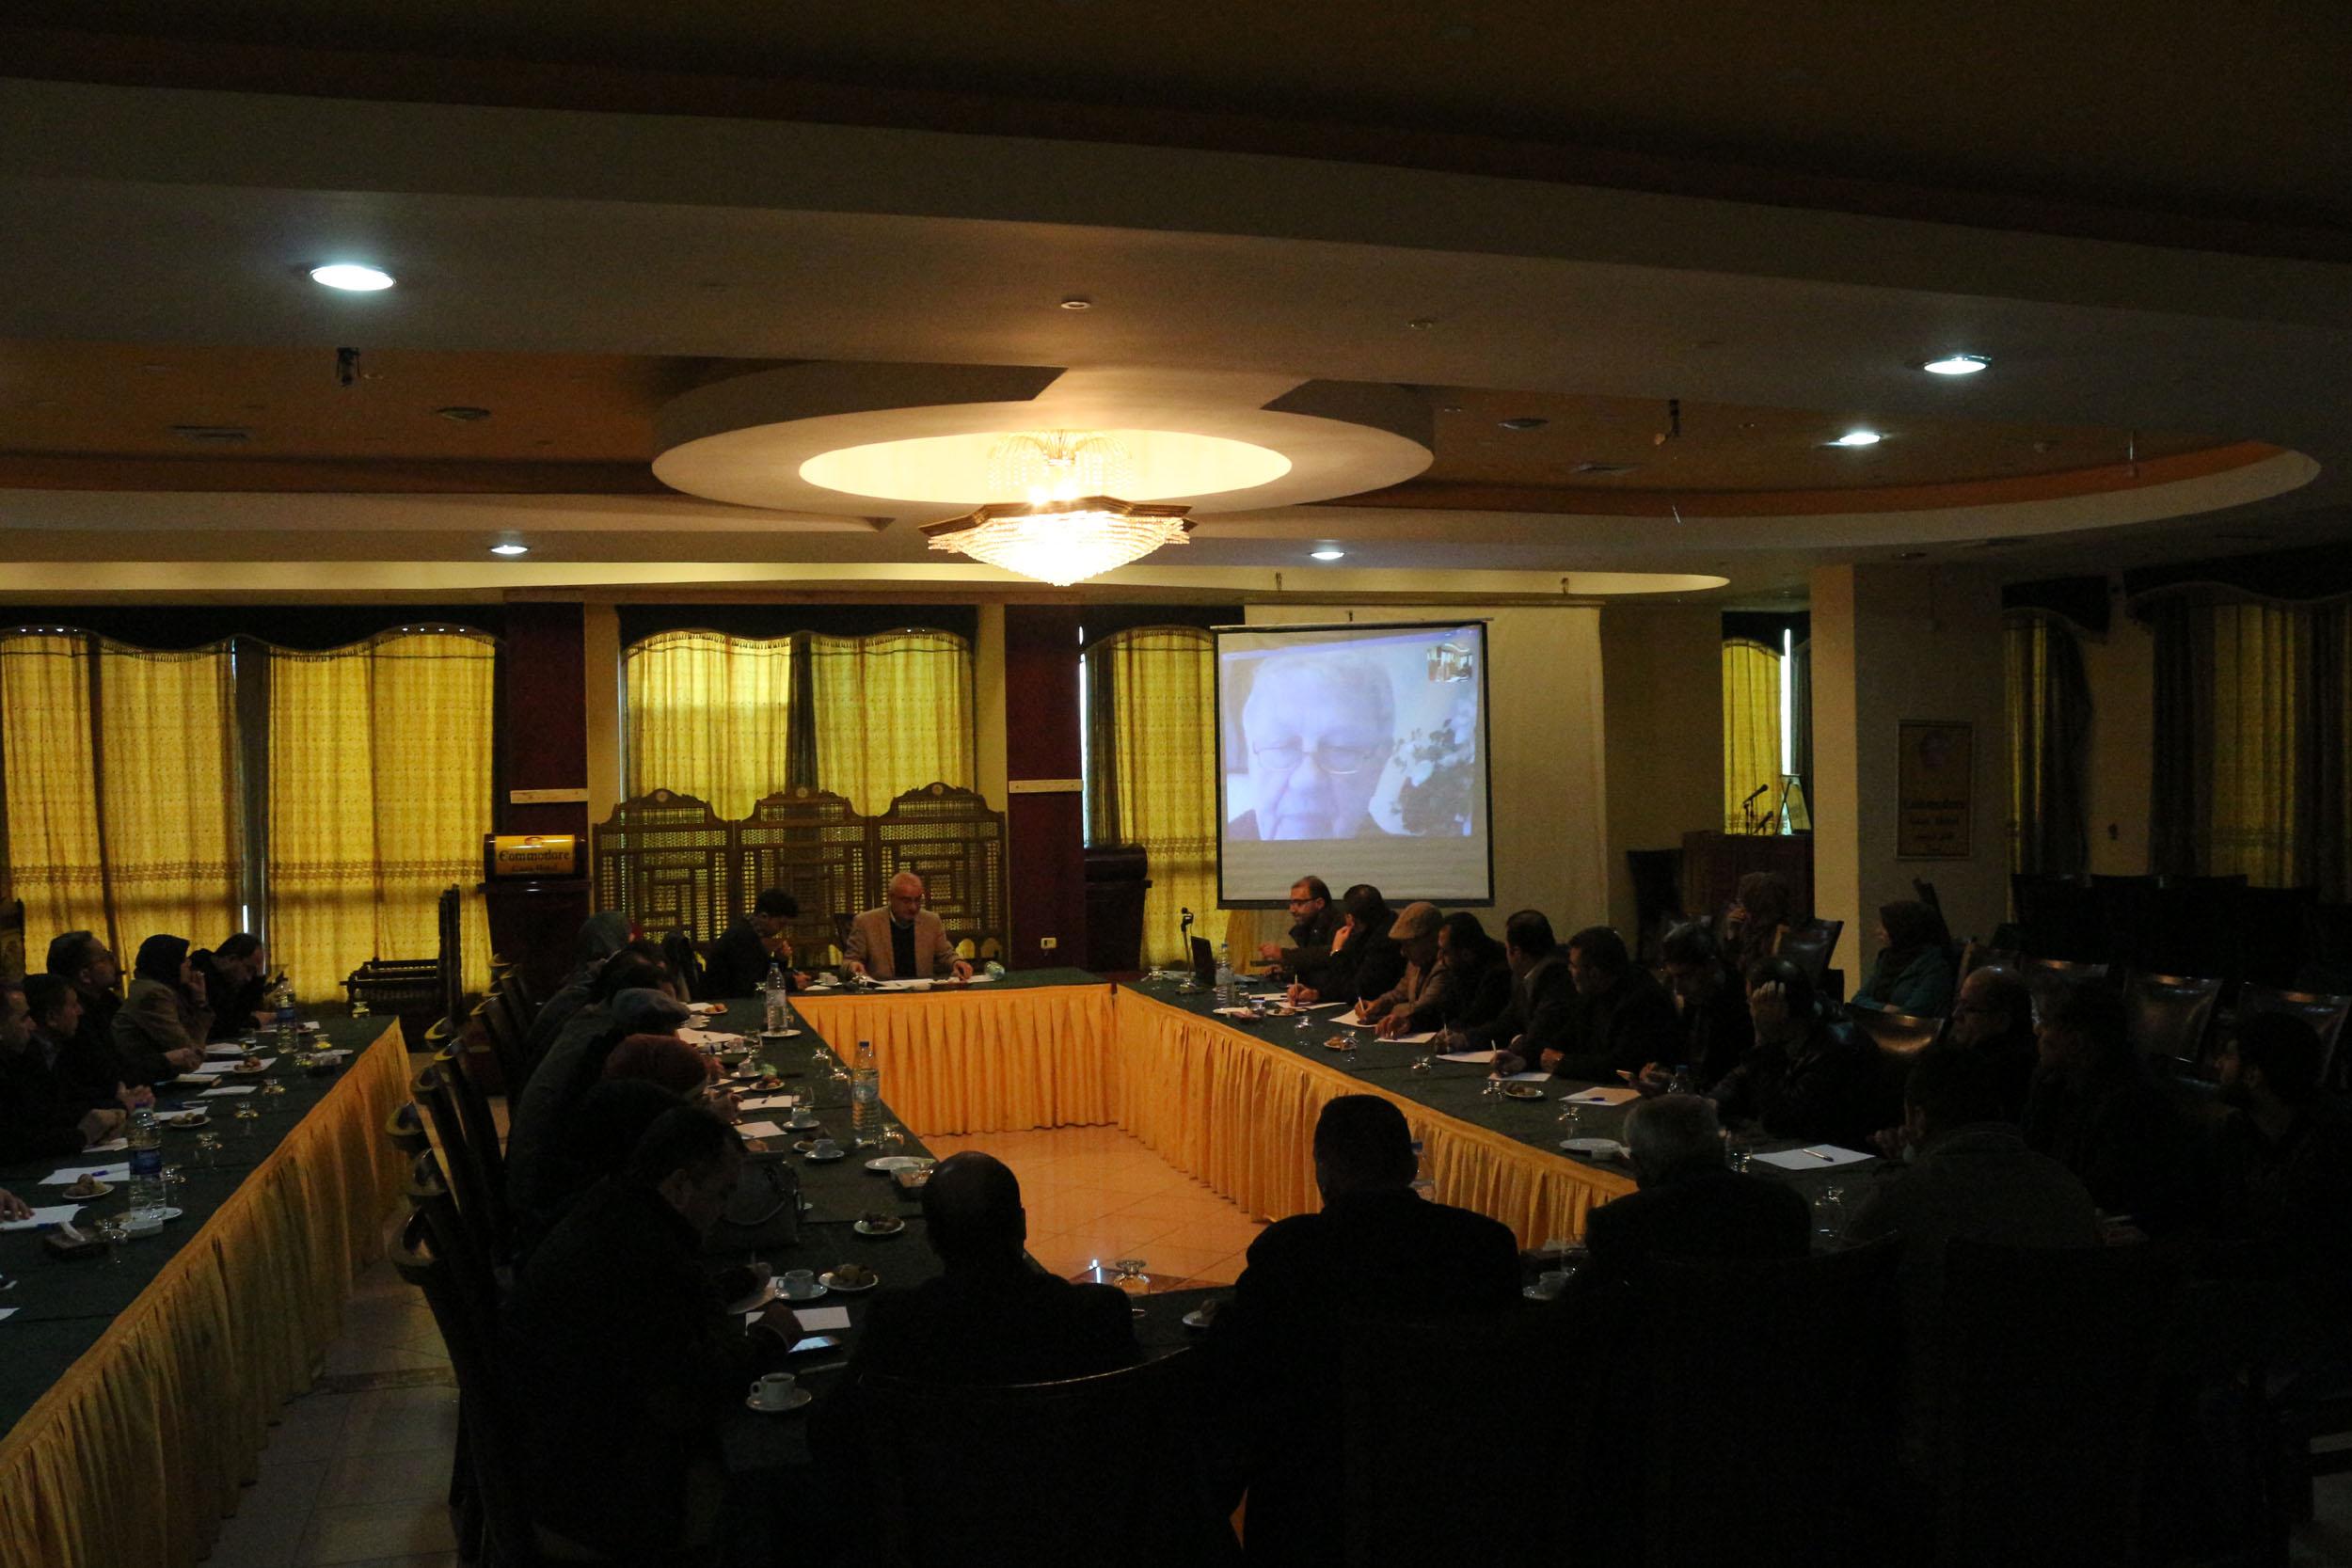 صورة لقاء مع د. مارك أوتي المبعوث الأوروبي الأسبق لعملية السلام في الشرق الأوسط